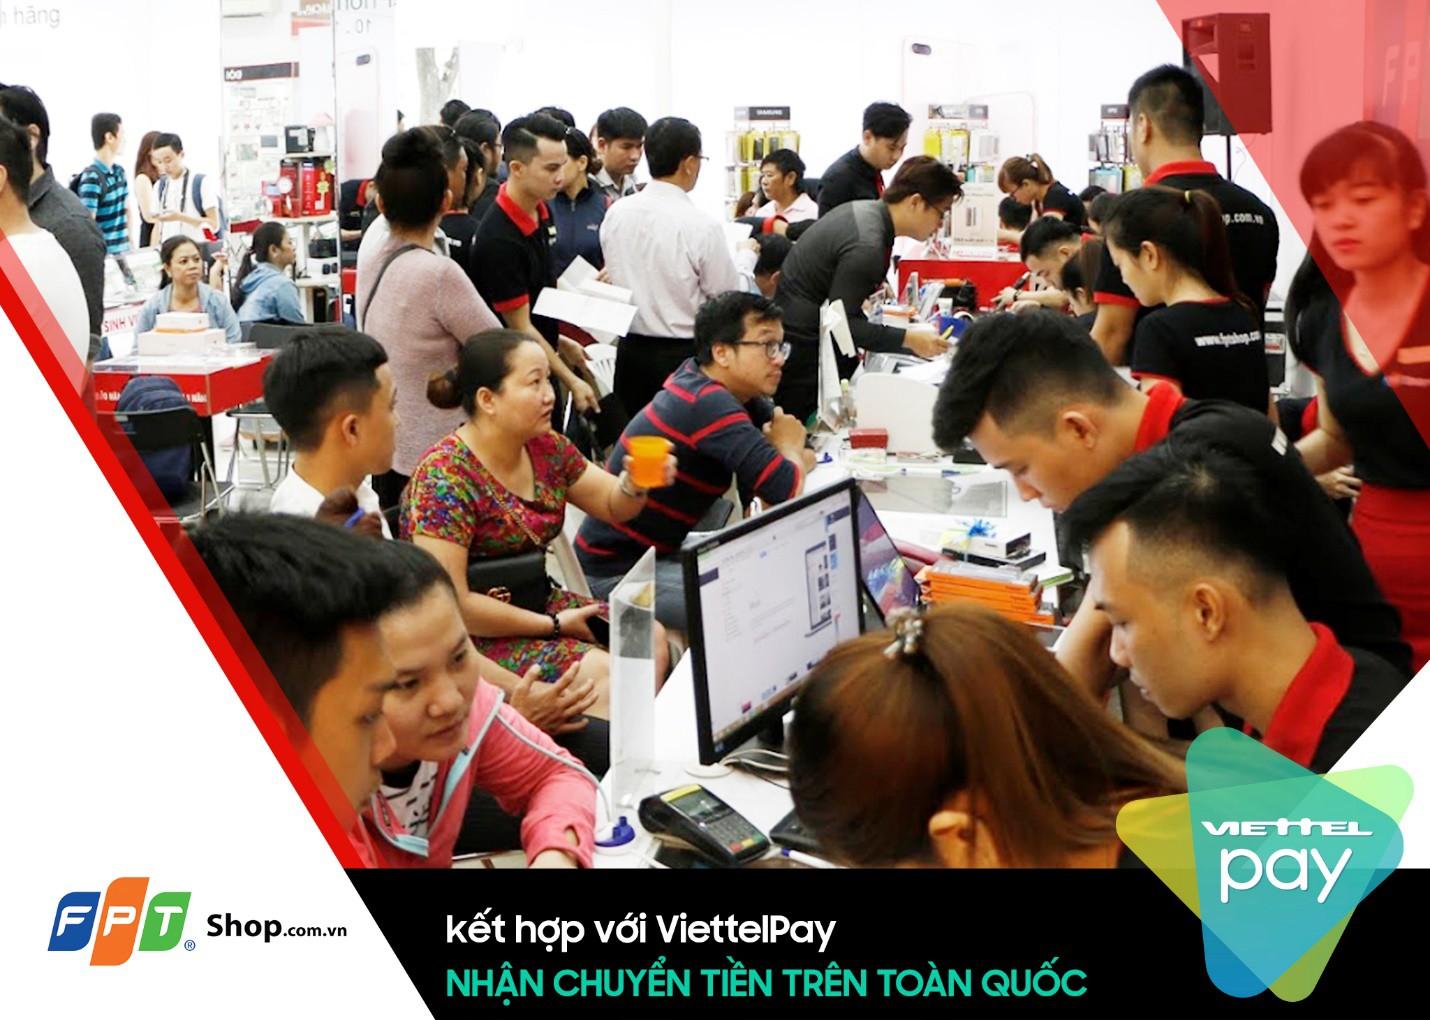 Đã có thể chuyển tiền trên toàn quốc thông qua dịch vụ ViettelPay tại FPT Shop - Ảnh 2.